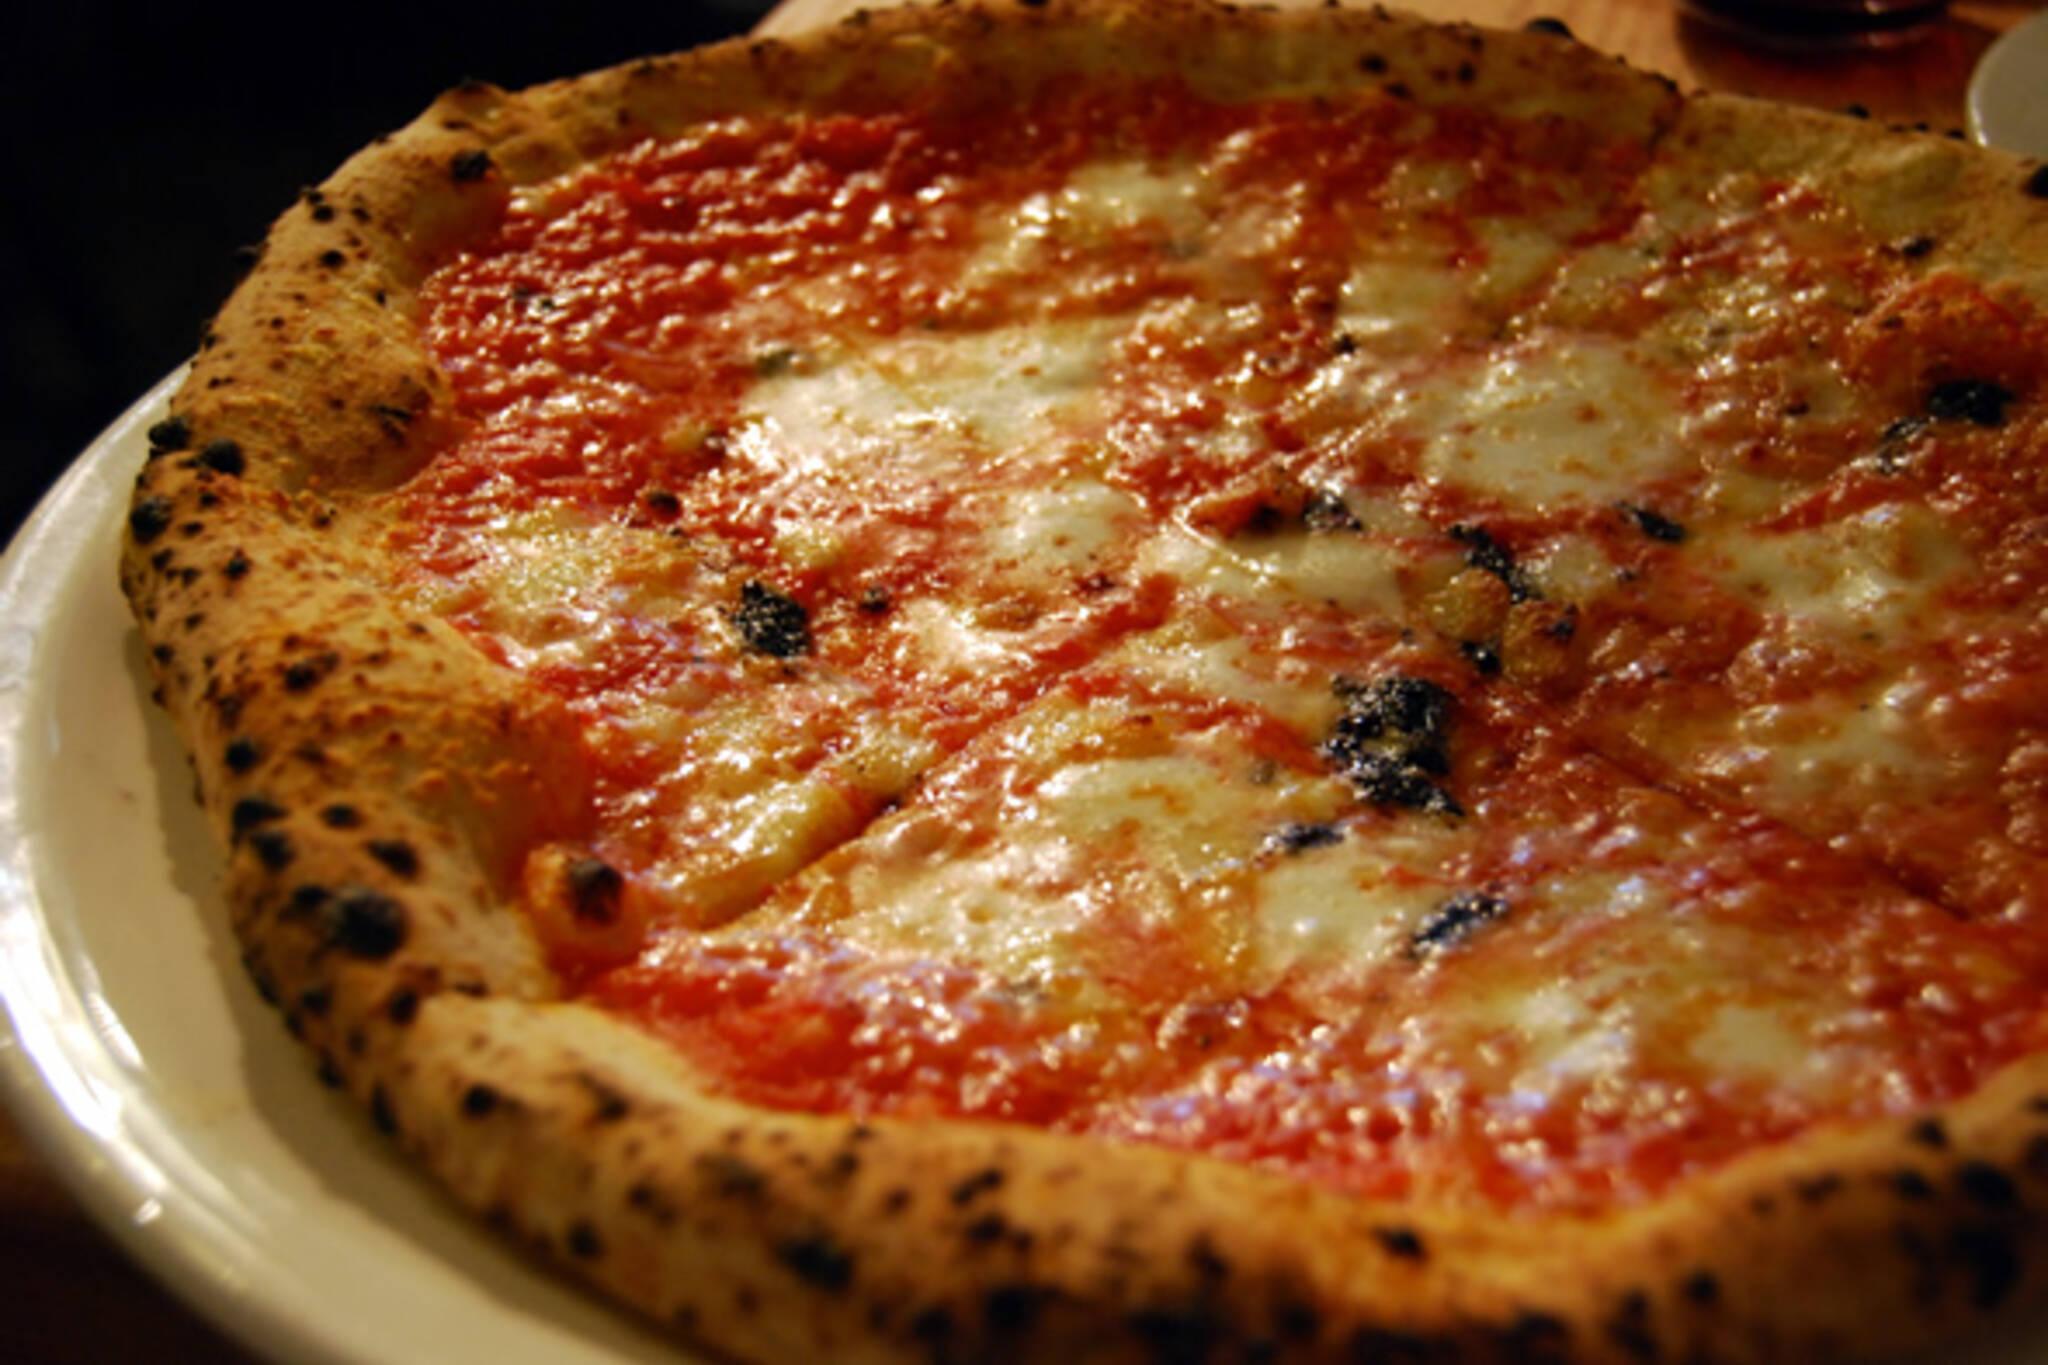 Pizzeria Libretto danforth